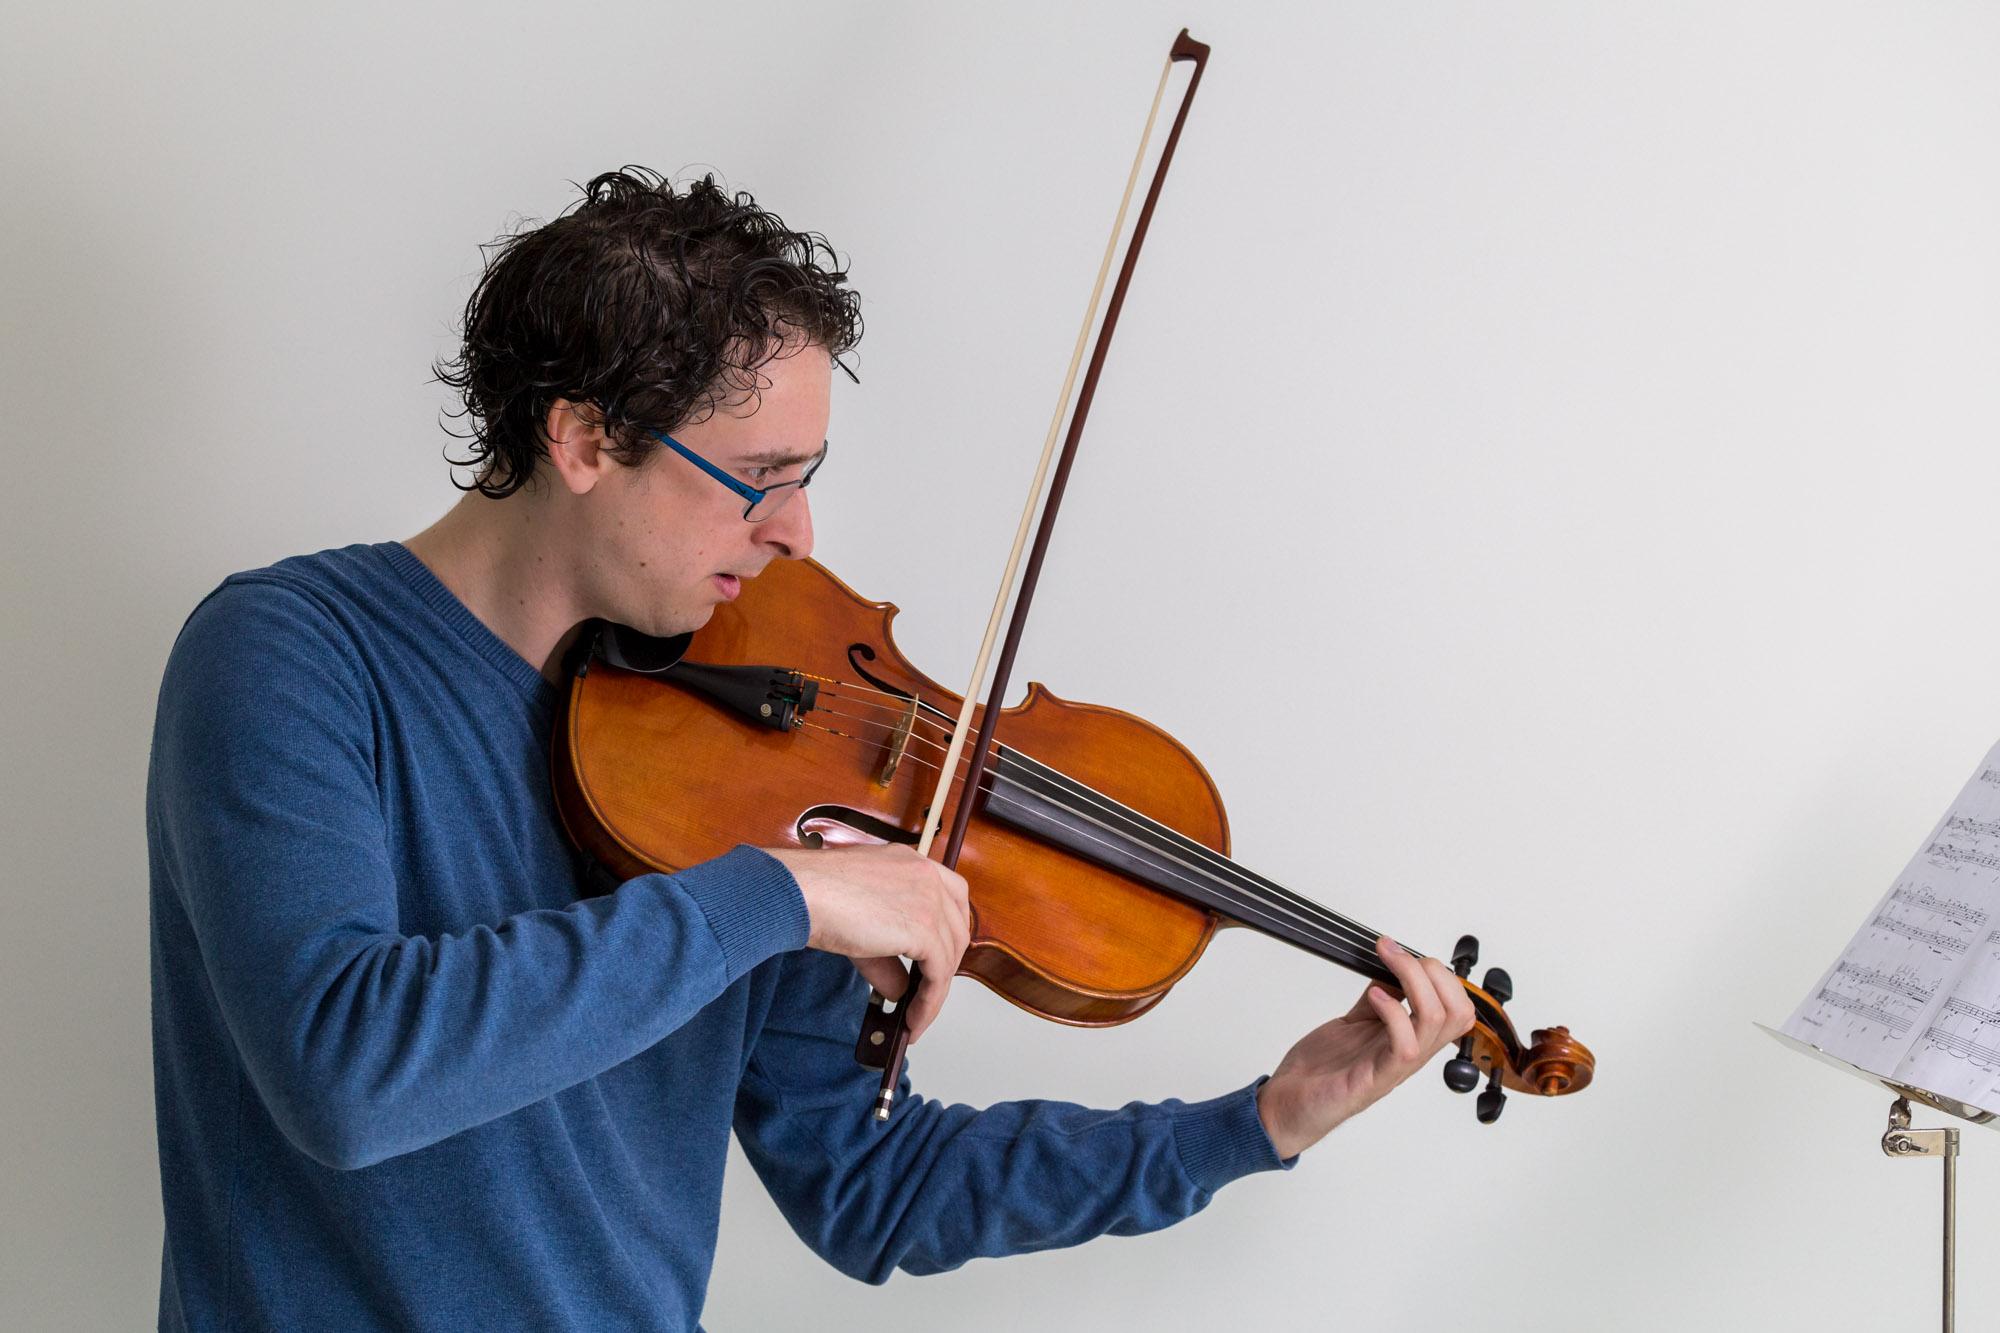 portret van violist door mayrafotografie